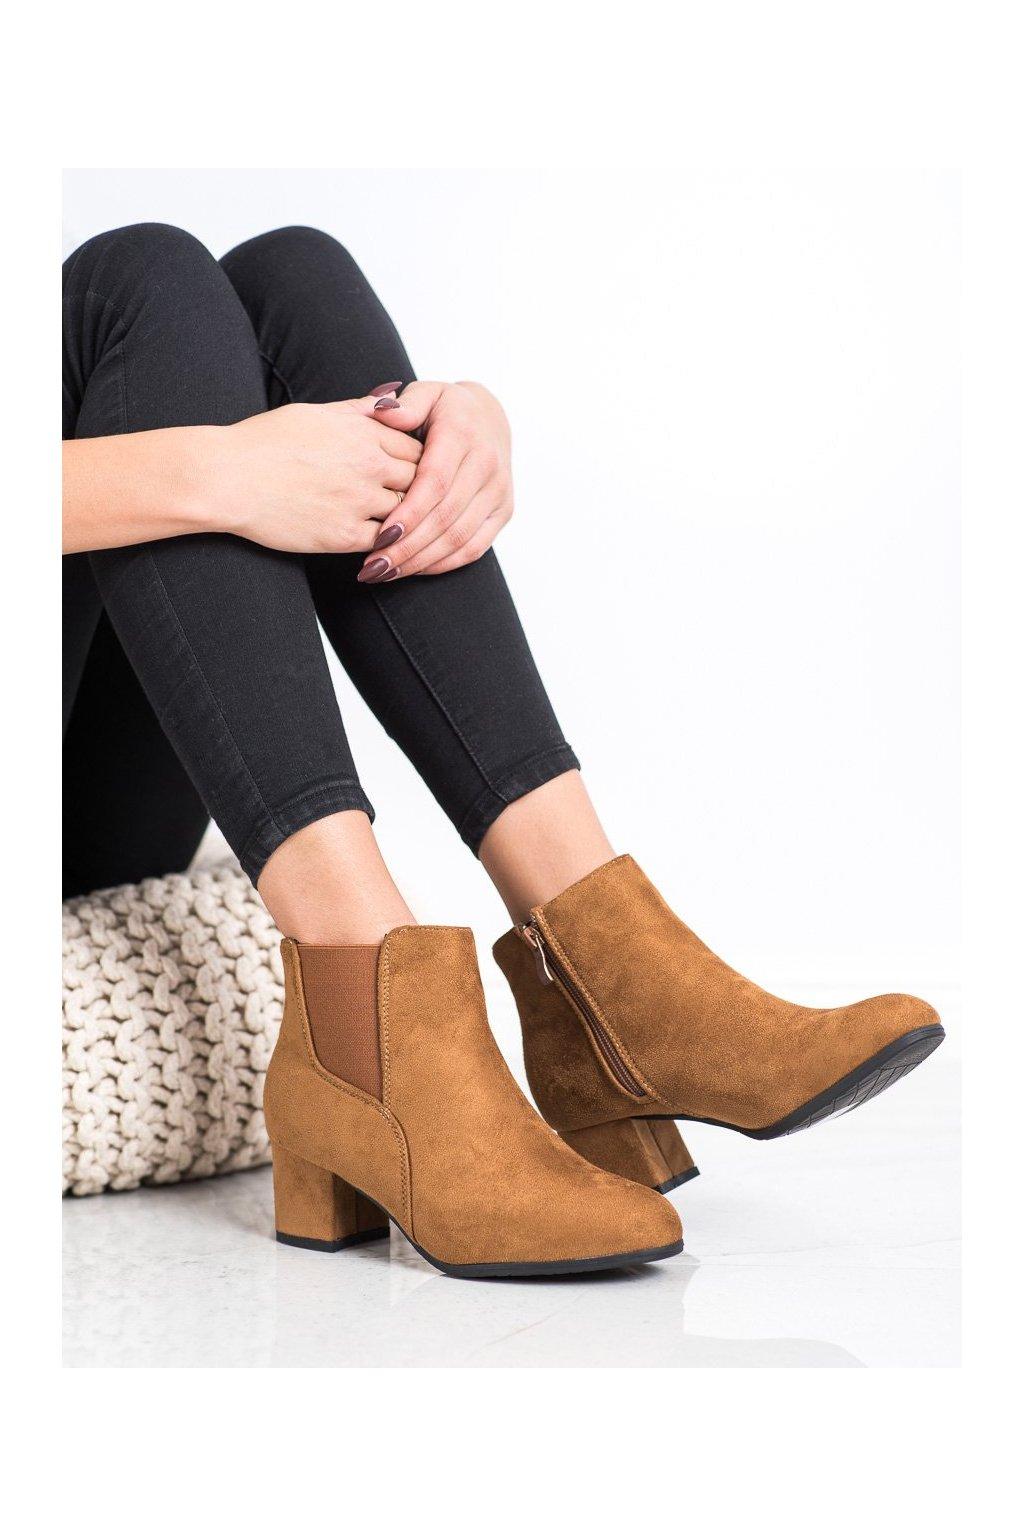 Hnedé dámske topánky Clowse kod 9B1100C